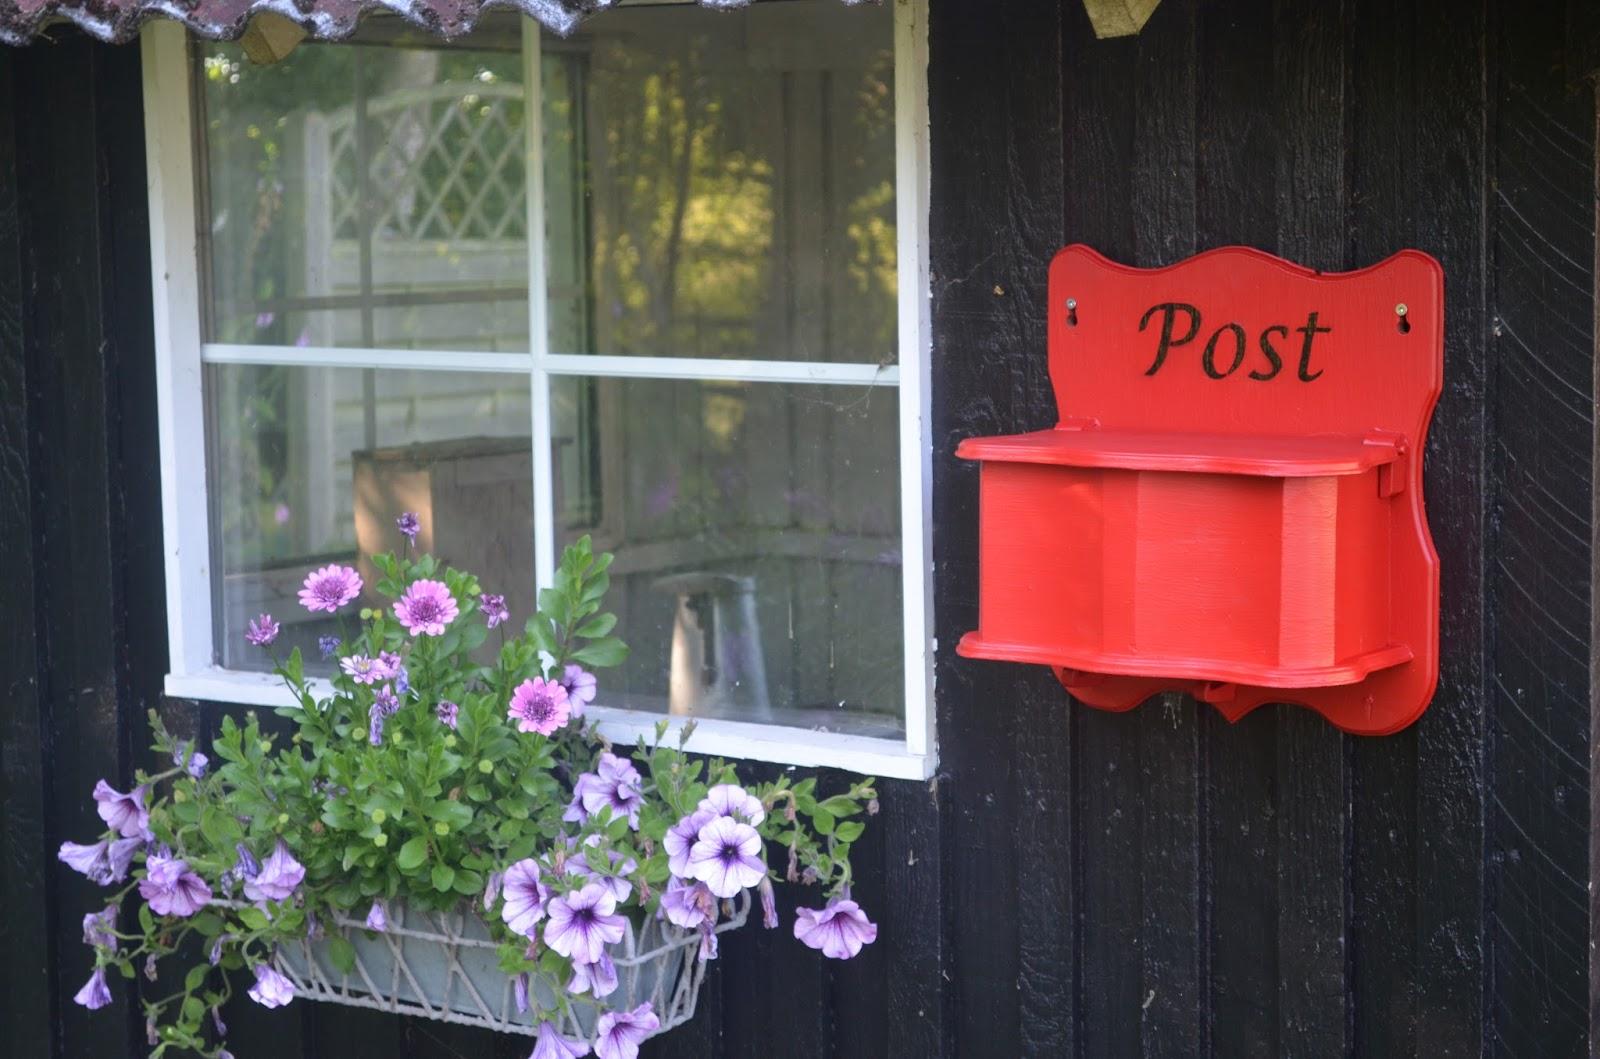 #BB1010 Meget bedømt Bonderosen: Gør Det Selv  Postkasse Gør Det Selv Ny Væg 5819 160010595819